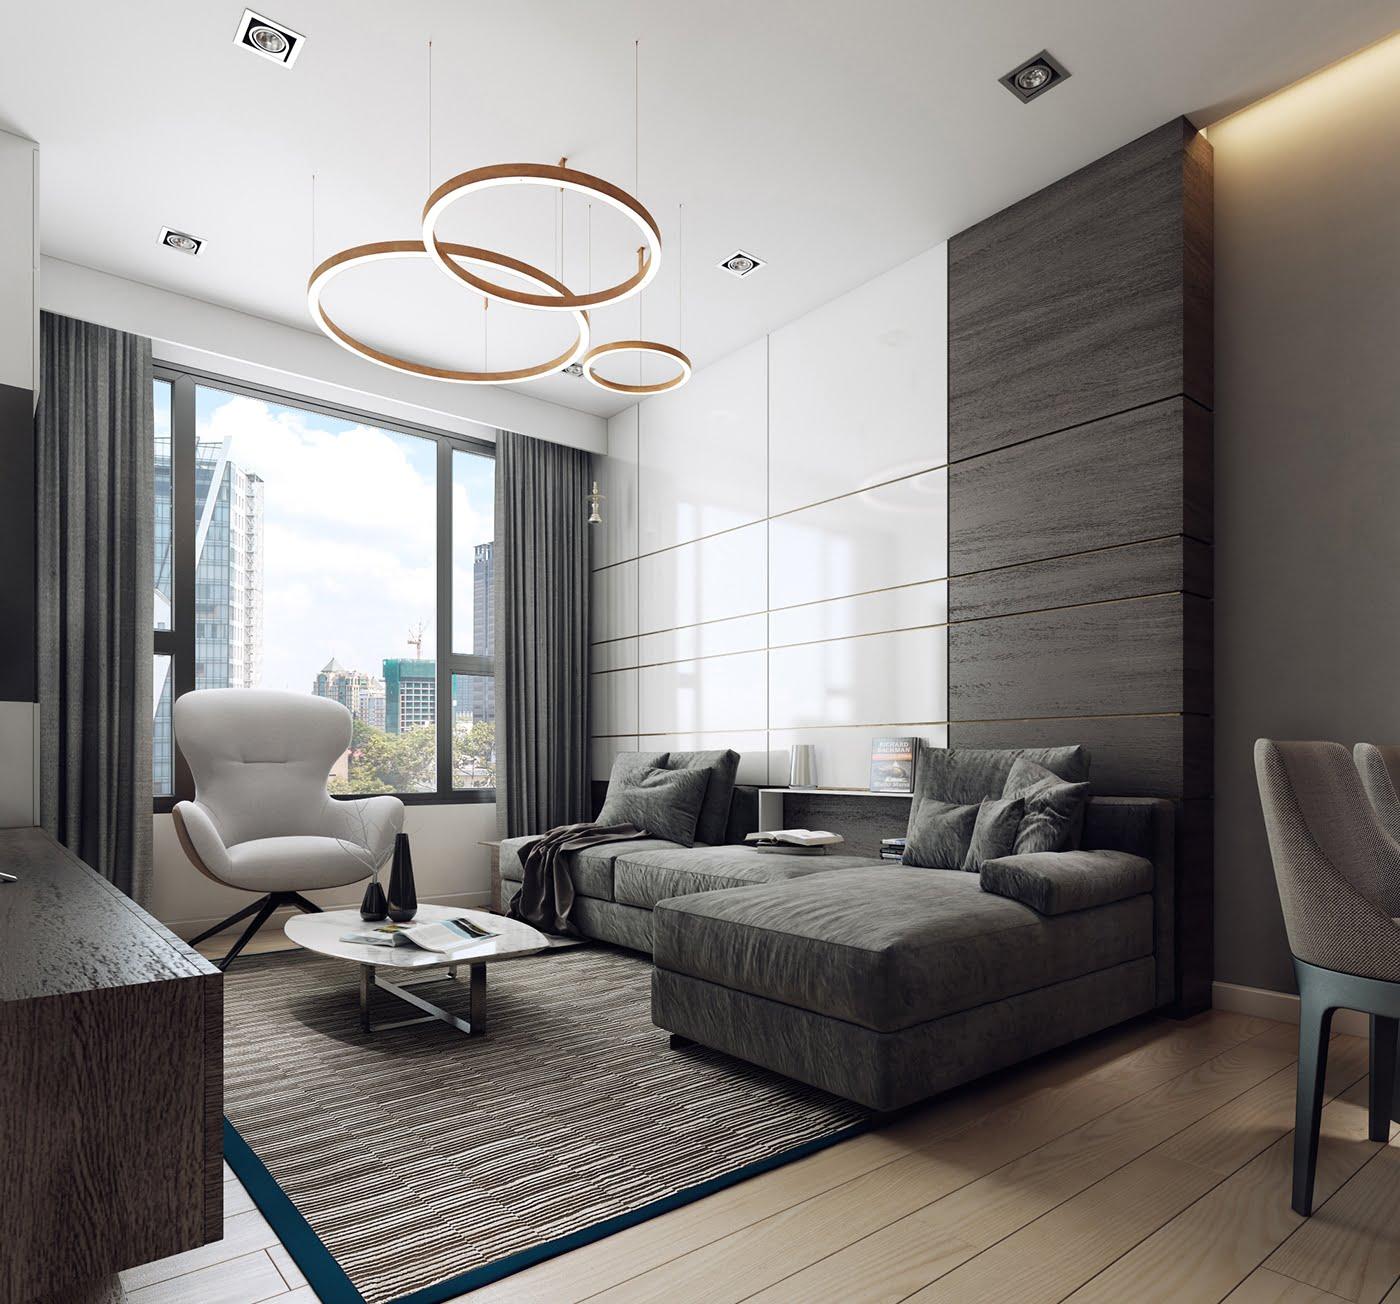 thiết kế nội thất chung cư hiện đại 13